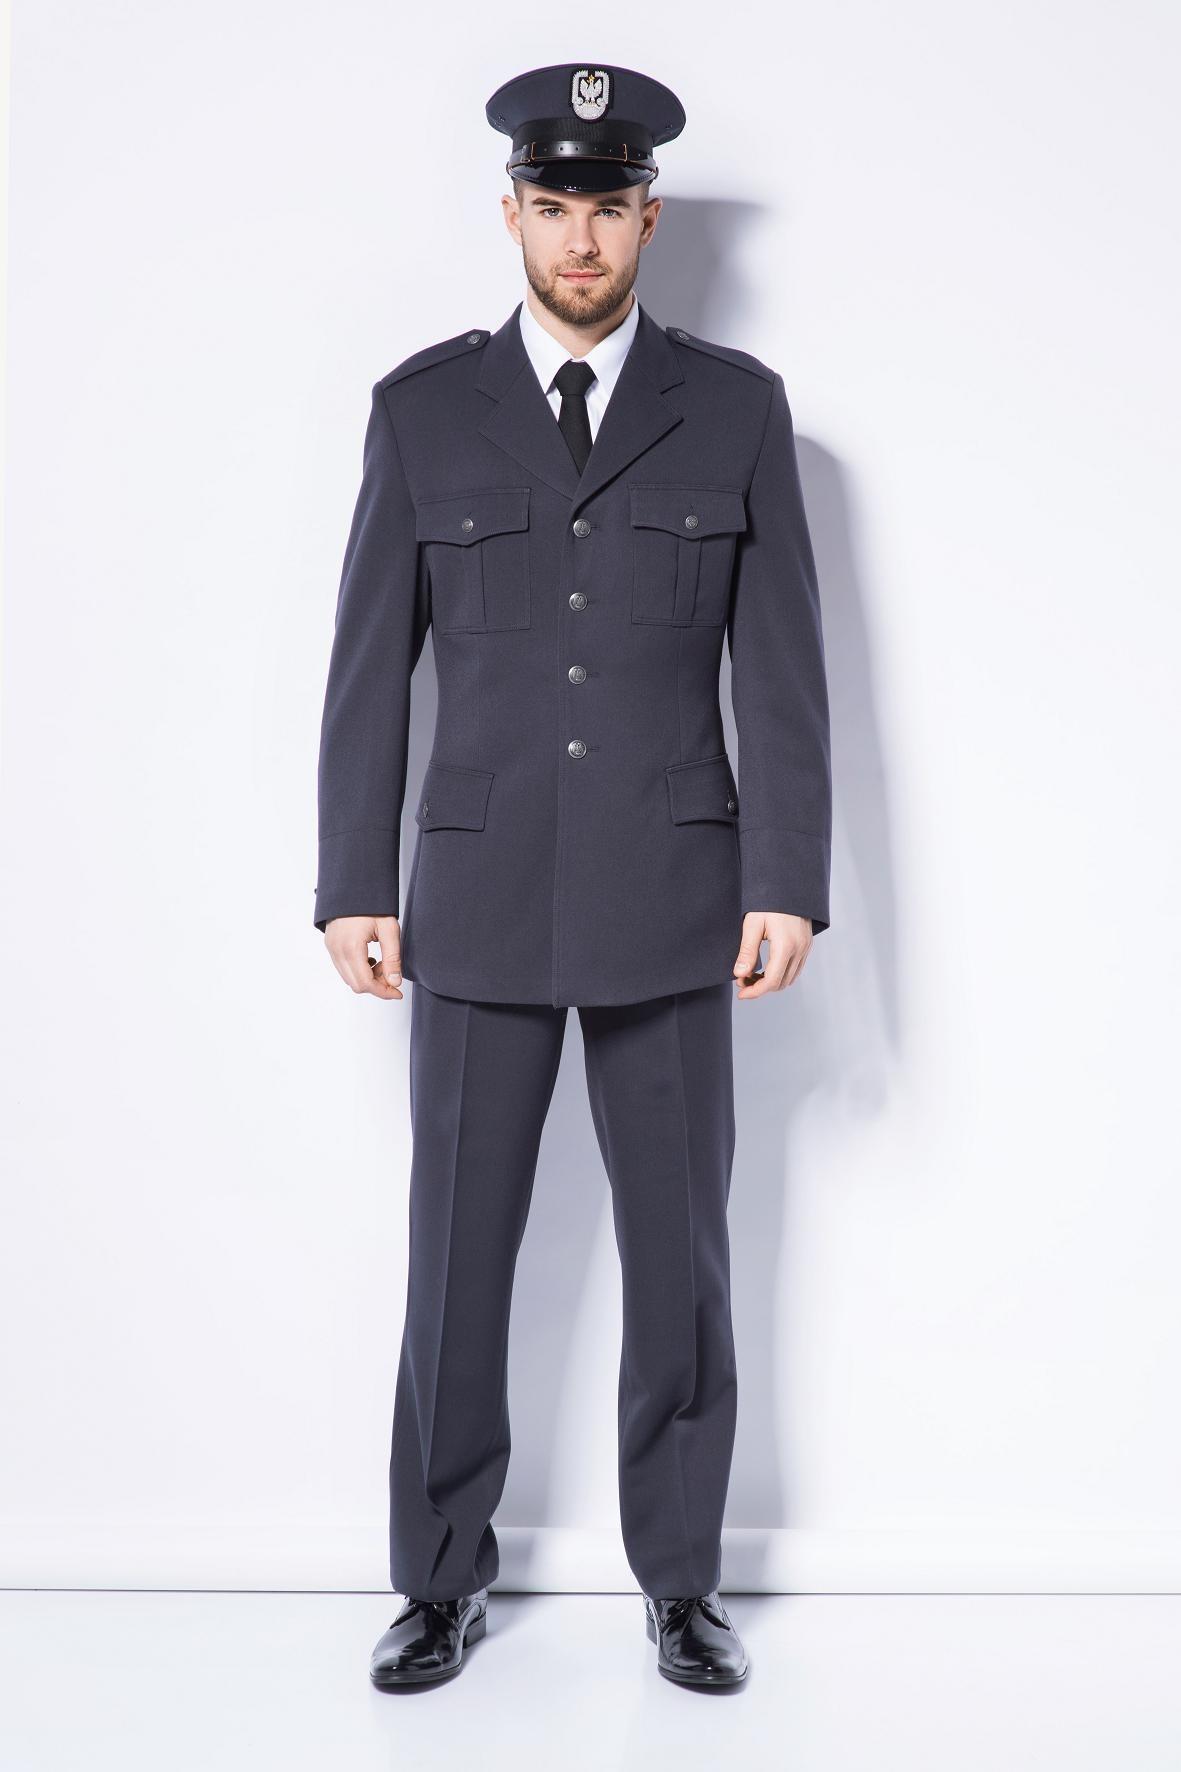 d9885e3e59 mundur galowy sił powietrznych NOWY WZÓR 108 MON - Wojska Lotnicze - Modus